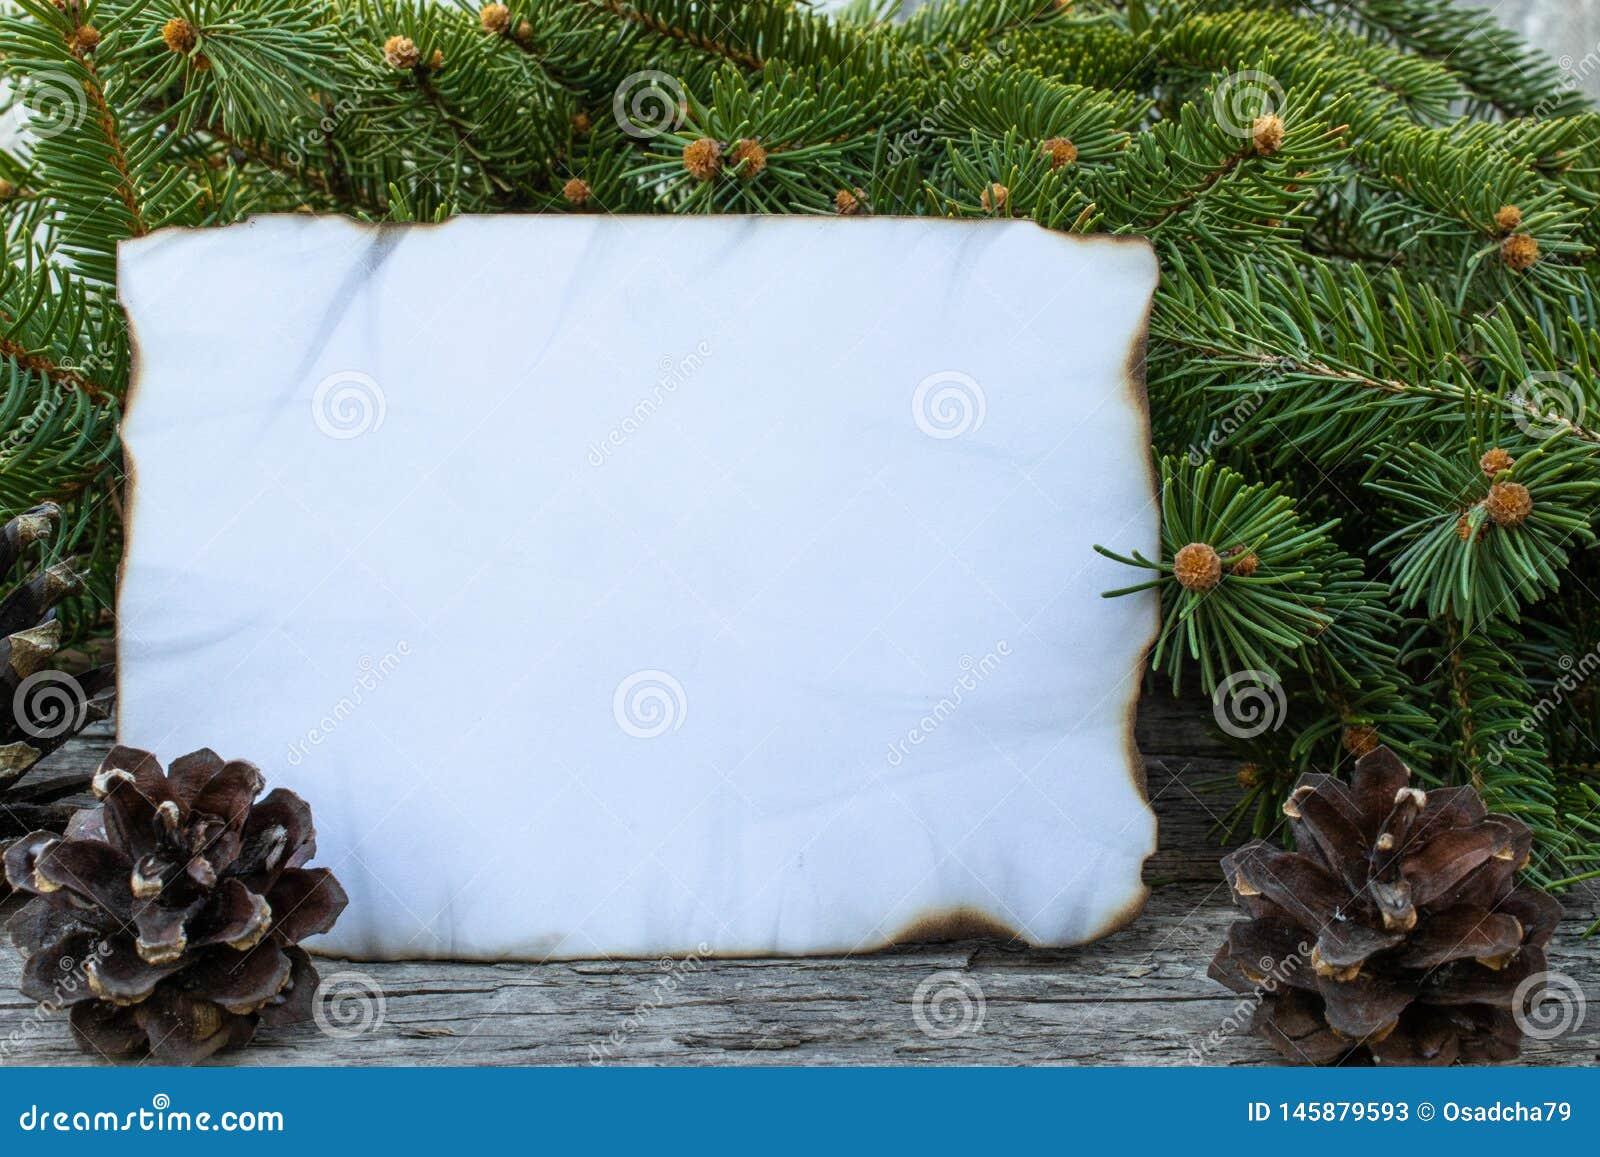 Ett vitt ark av papper som br?nns l?ngs kanterna och de gr?na filialerna av en julgran p? bakgrunden av gamla tr?br?den